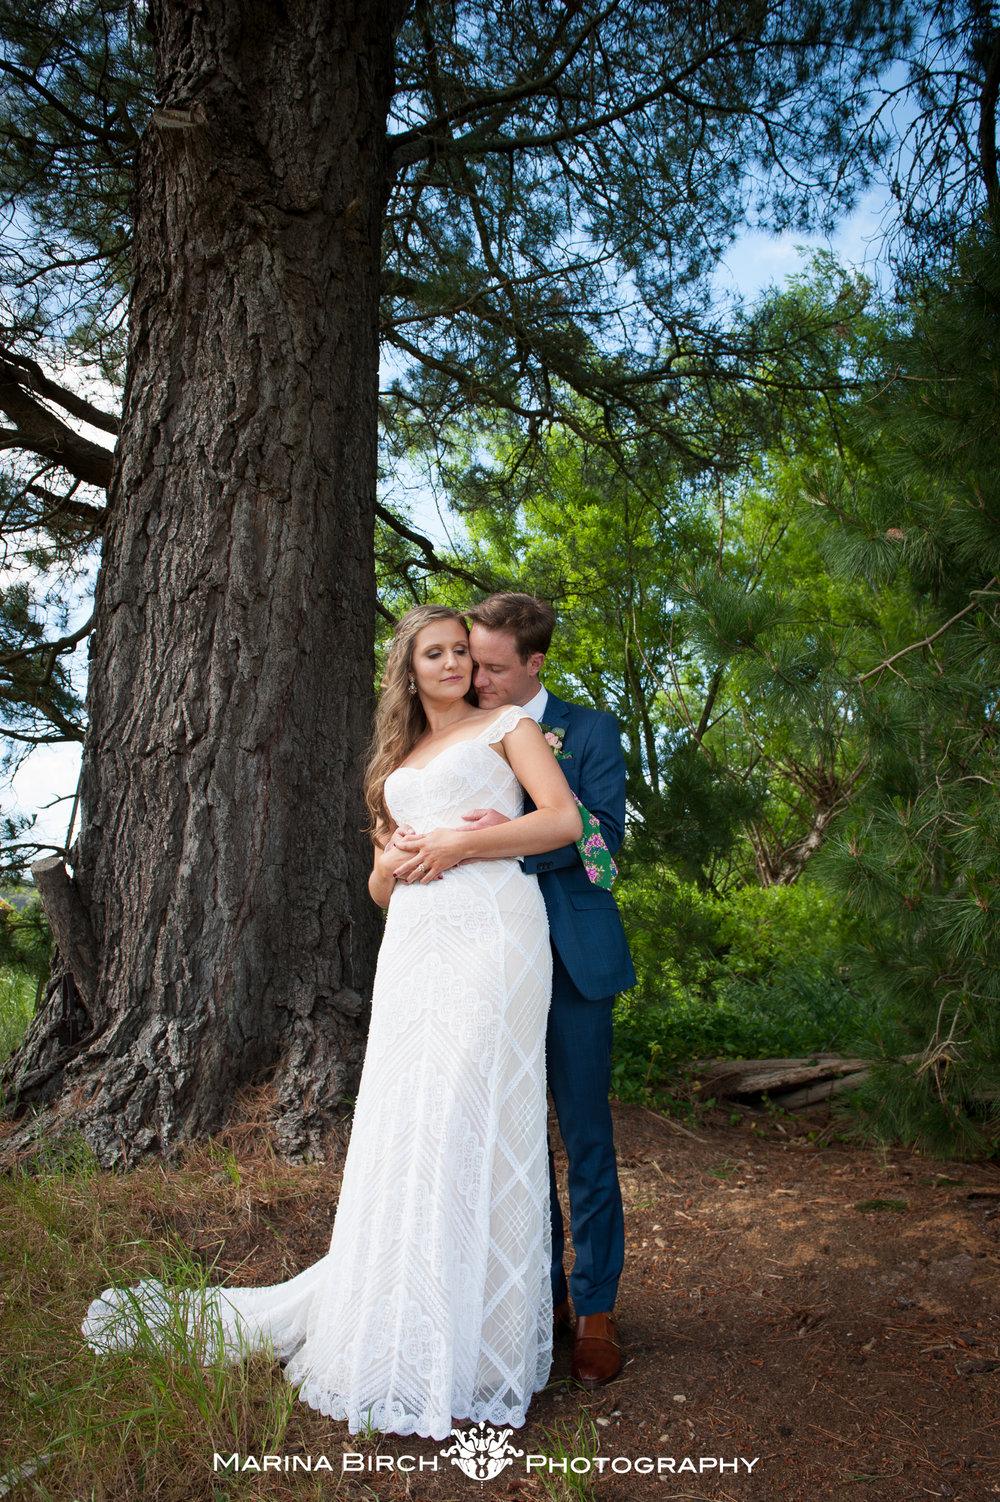 MBP.wedding -23.jpg